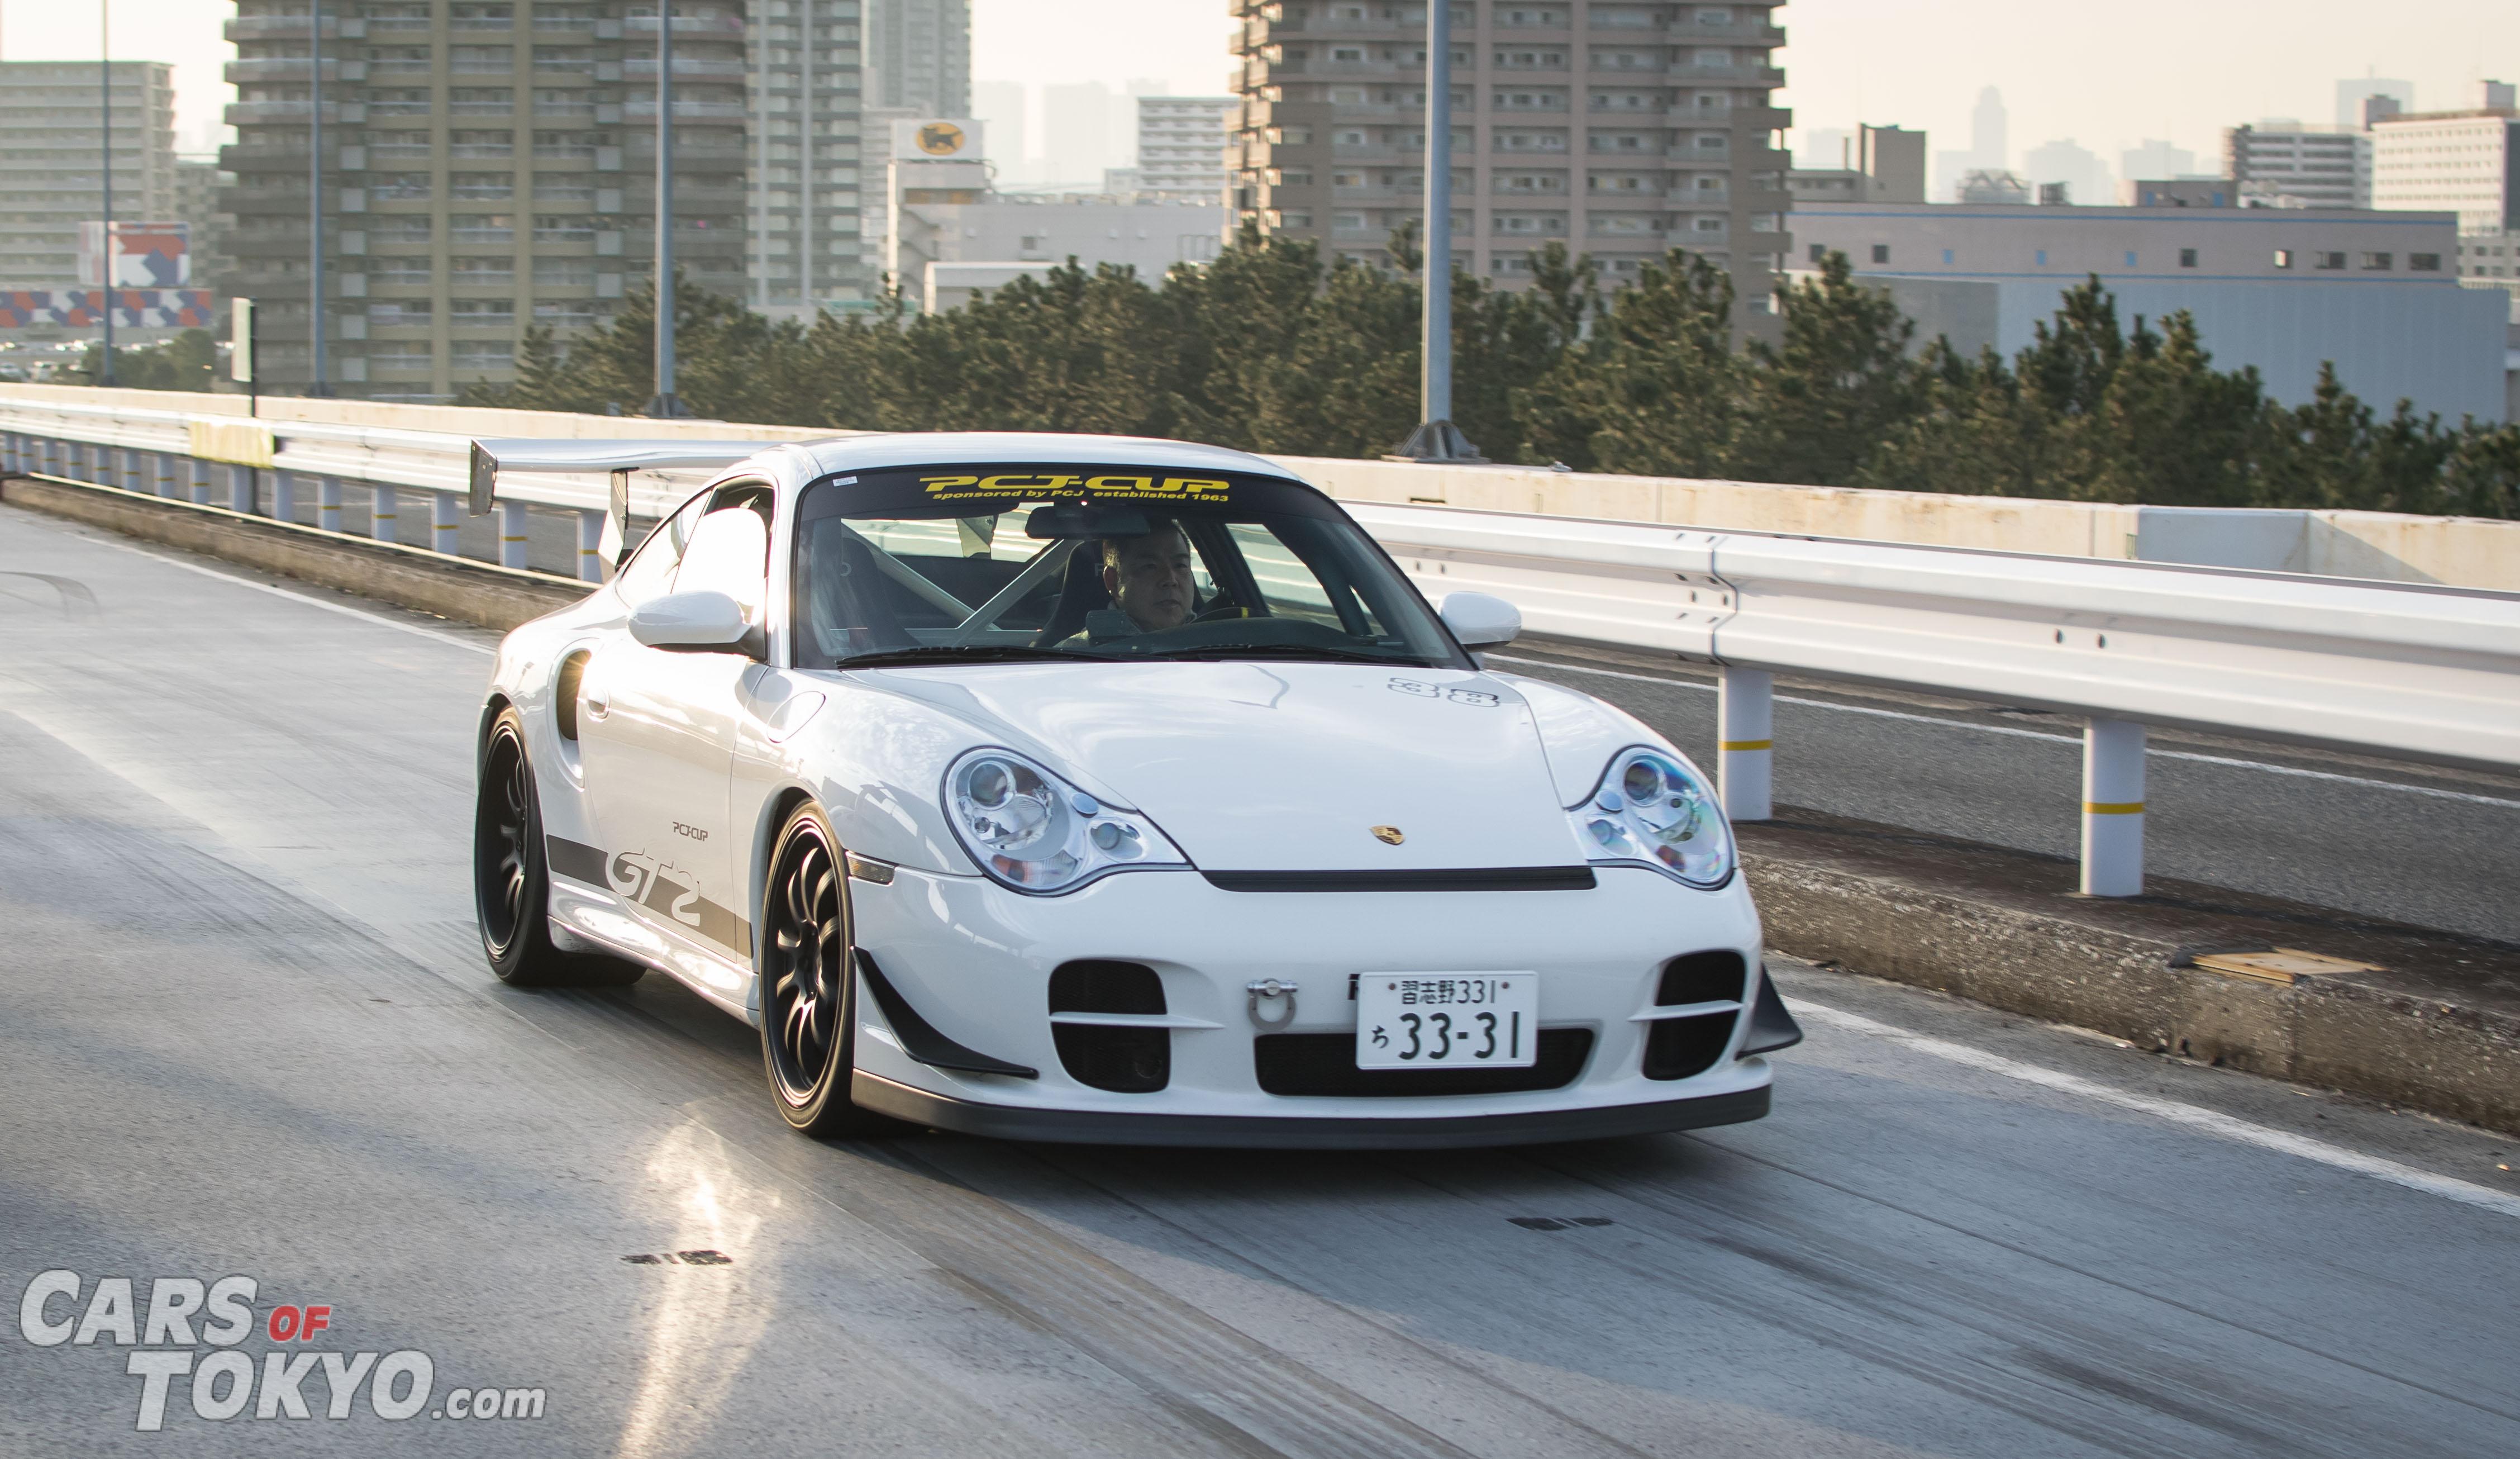 Cars of Tokyo Porsche 911 GT2